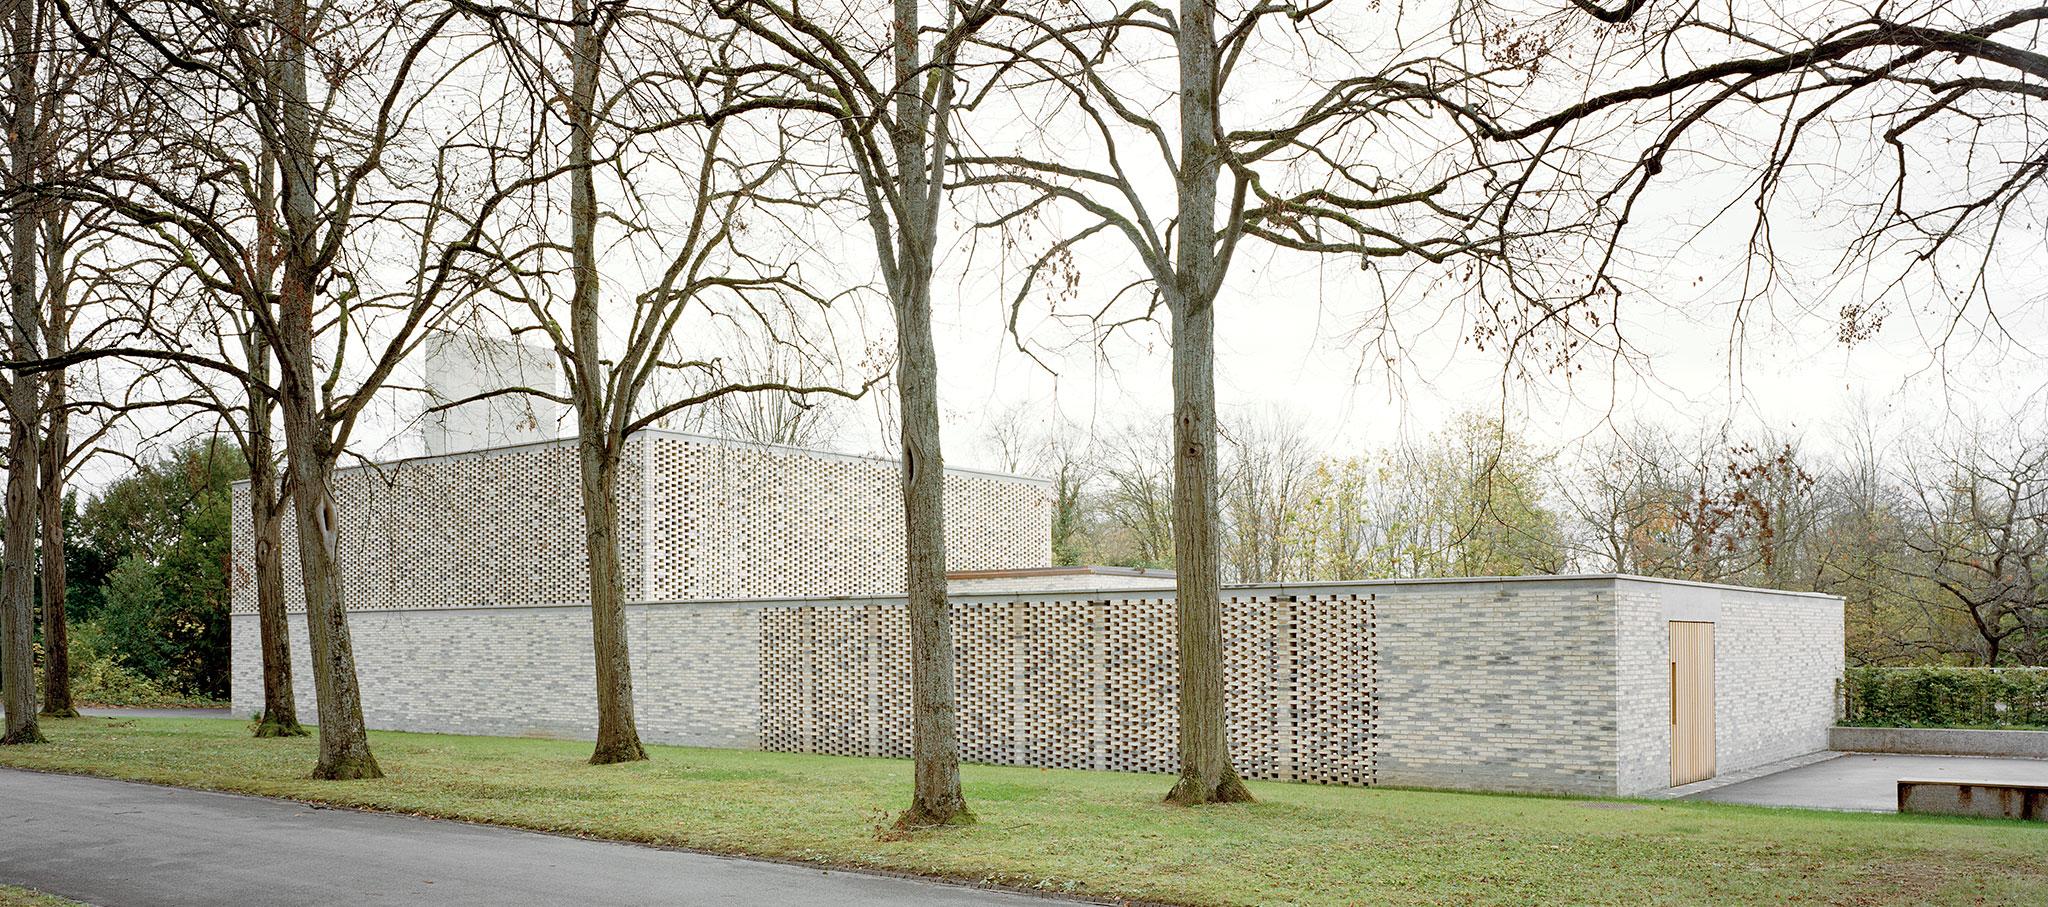 Nuevo Crematorio en el Cementerio Hörnli por Architekturbüro Garrigues Maurer GmbH. Fotografía © Ariel Huber, Rasmus Norlander